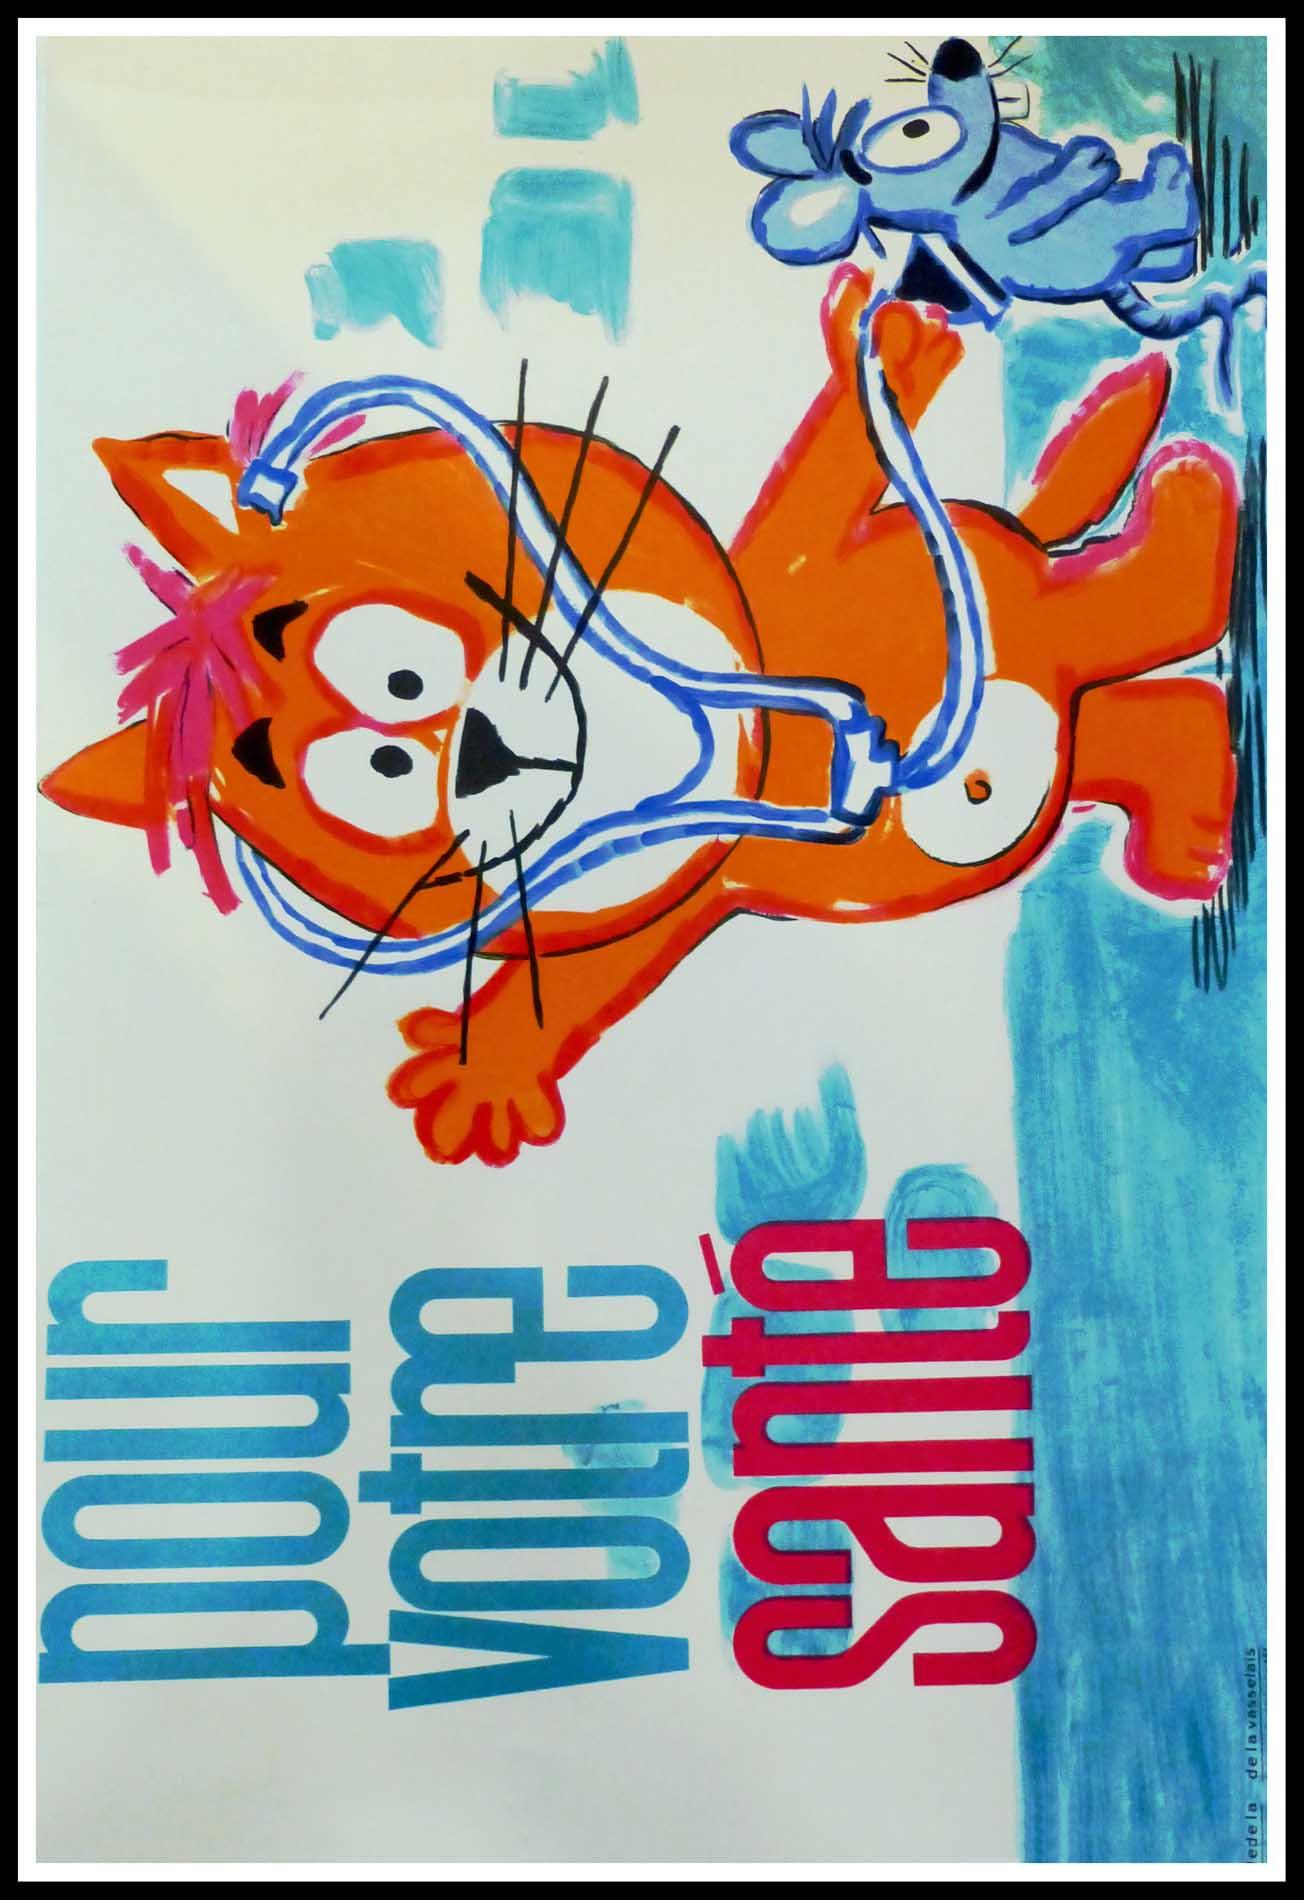 """(alt=""""Affiche publicitaire originale, Le Chat et la Souris Pour votre santé circa 1960, réalisée par Barberousse et imprimée par De la Vasselais"""")"""